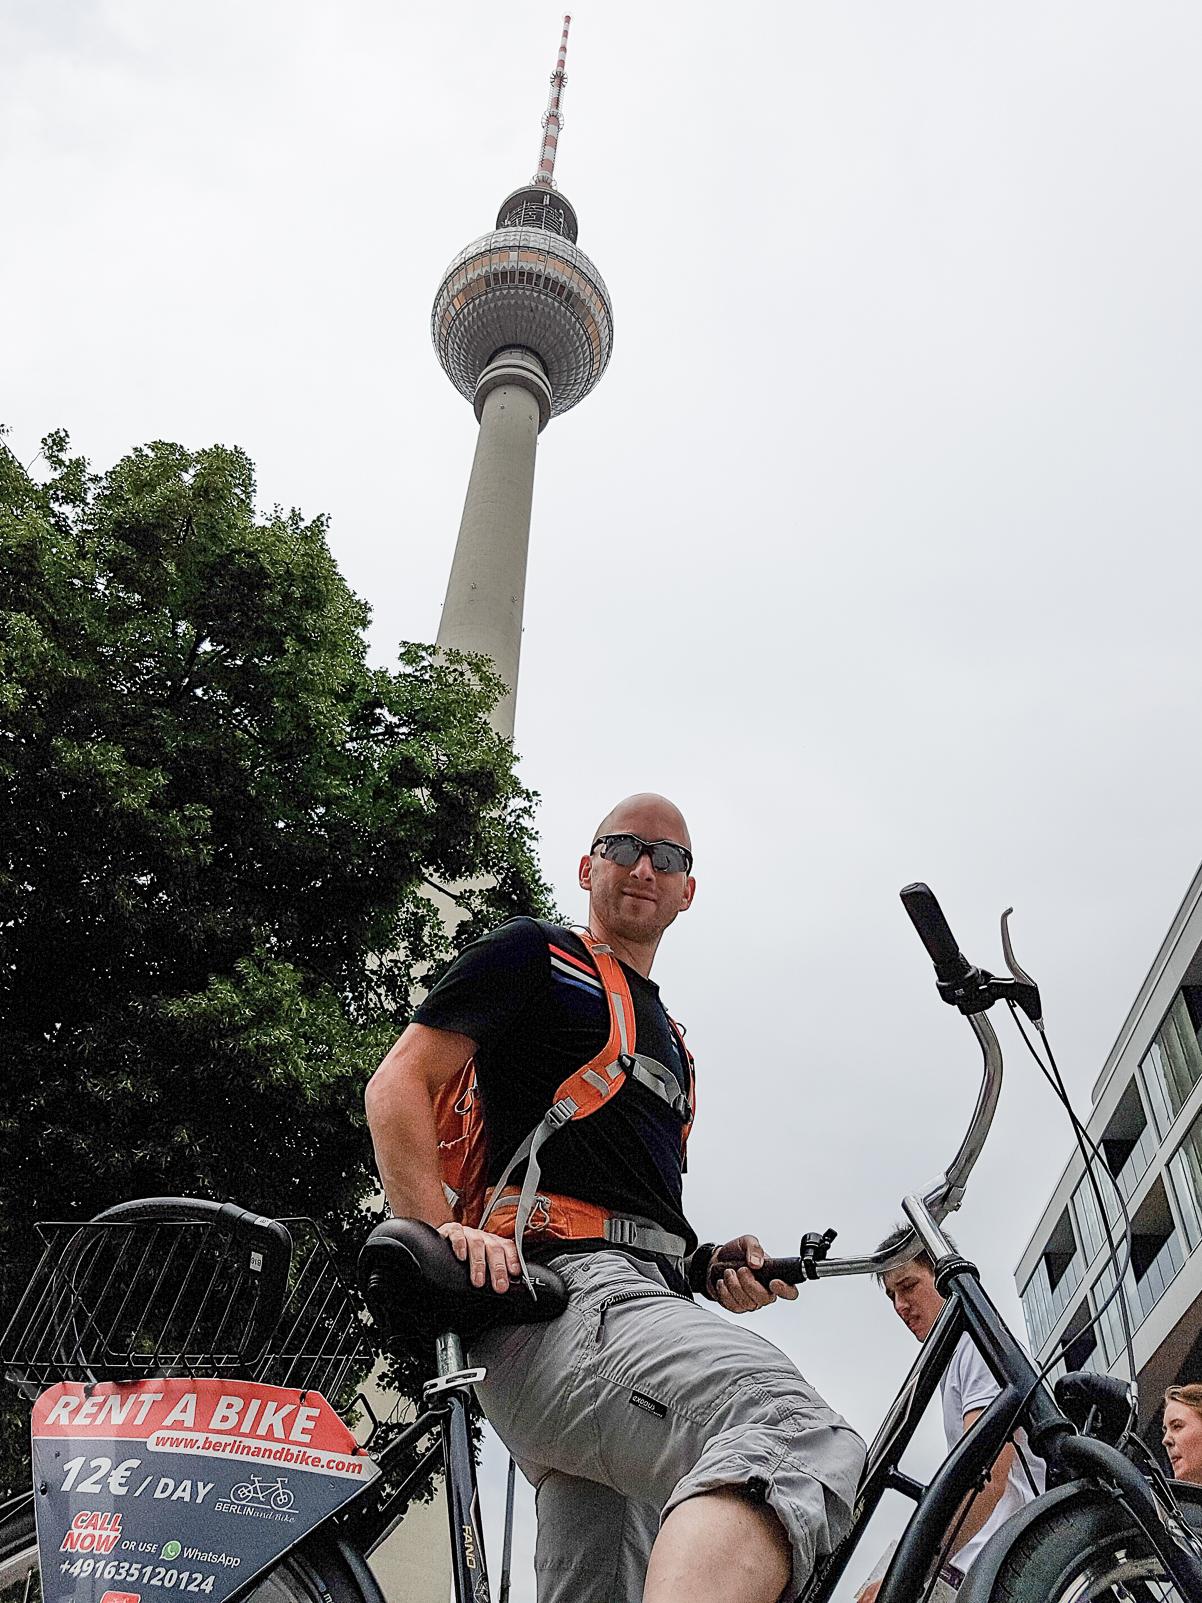 Dryden på hyrcykel i Berlin